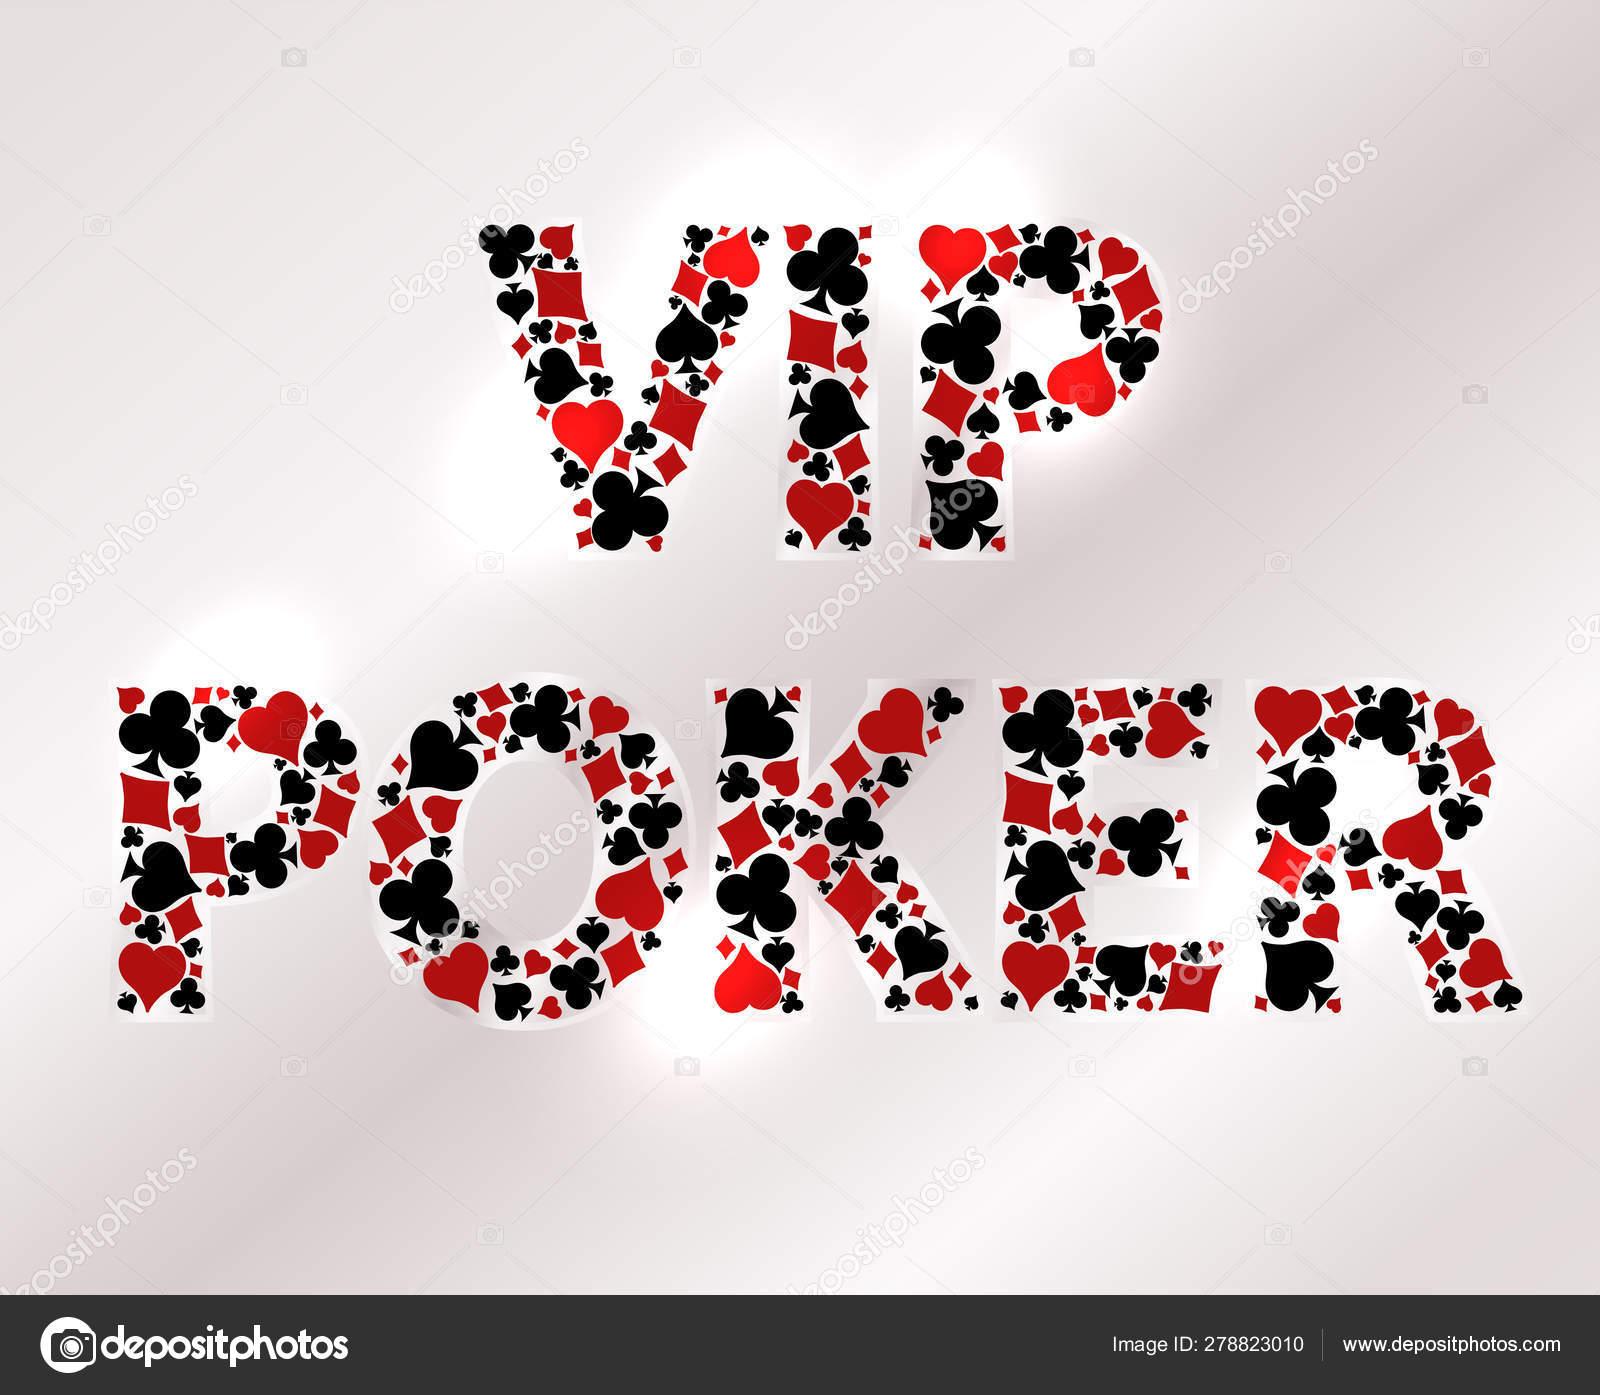 Tarjeta Invitación Vip Casino Poker Ilustración Vectorial